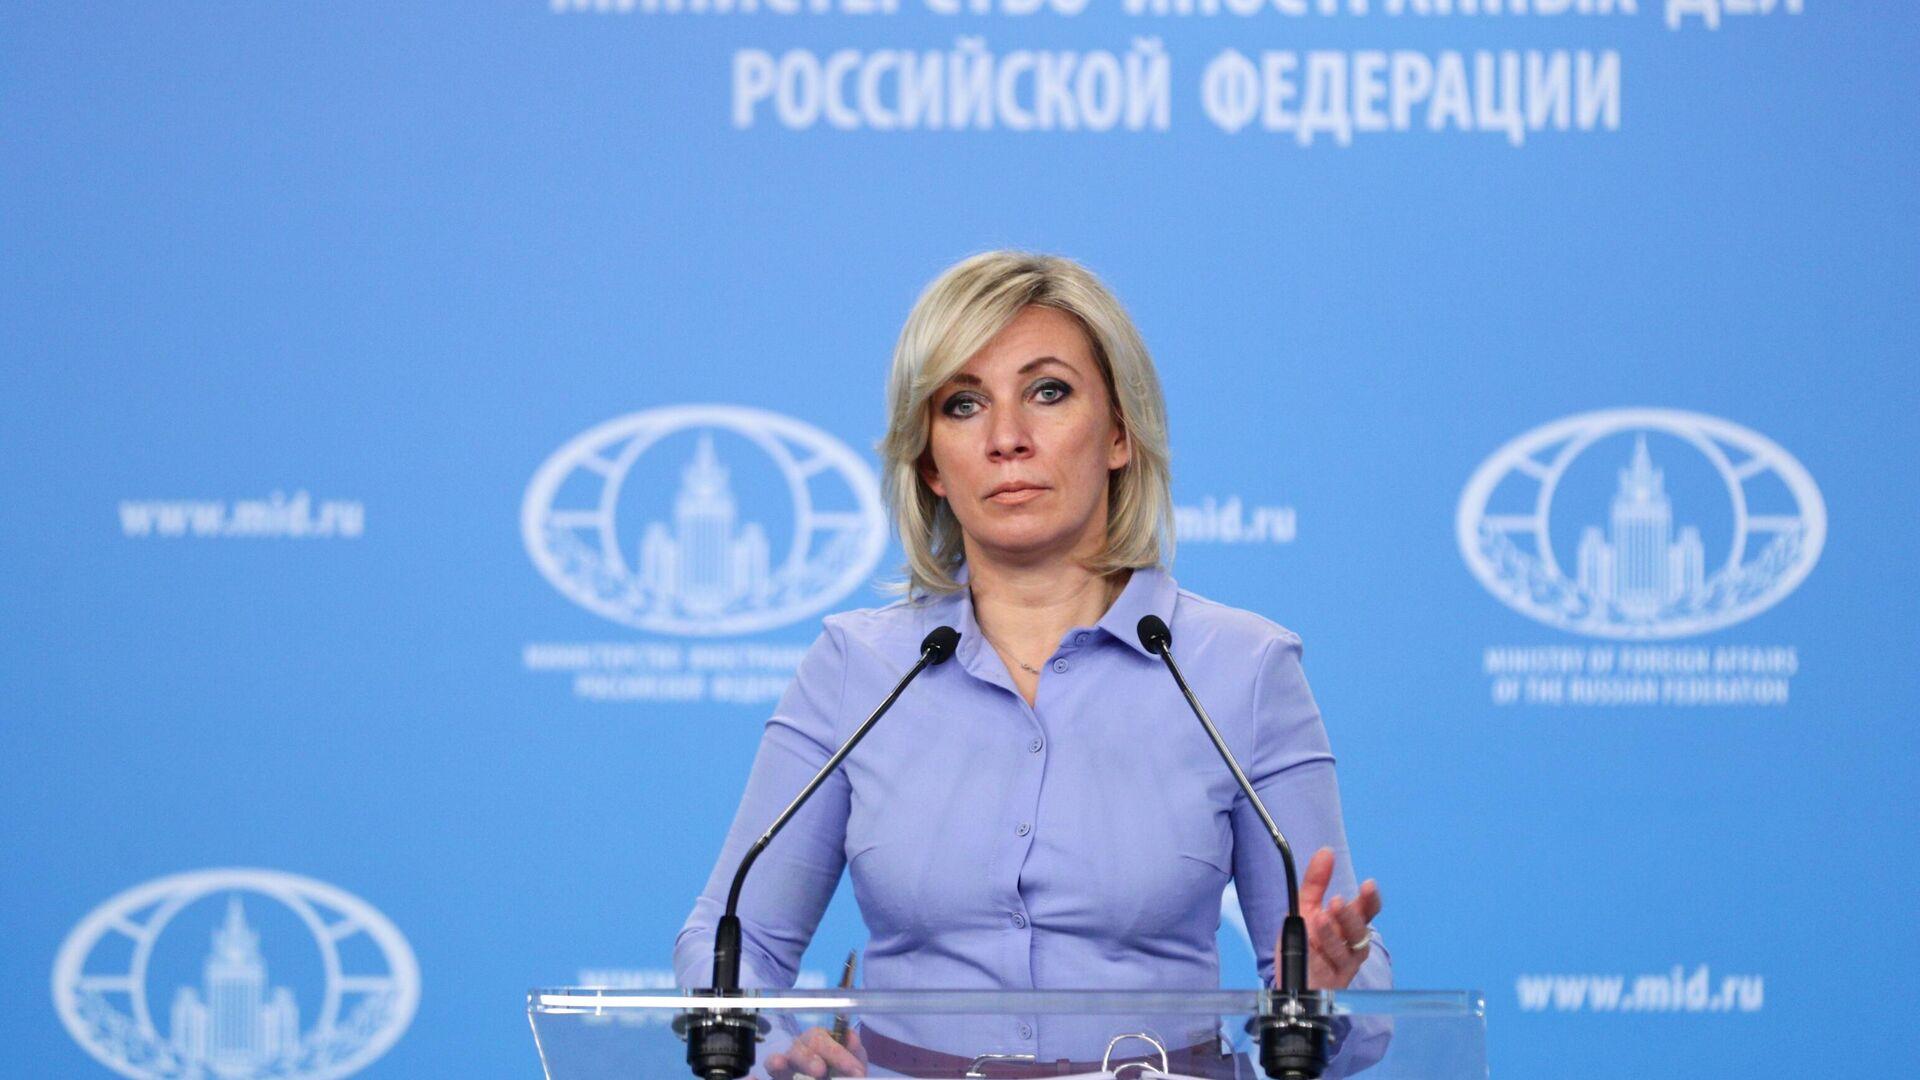 Sprecherin des russischen Außenministeriums Maria Sacharowa (Archivfoto) - SNA, 1920, 05.09.2021